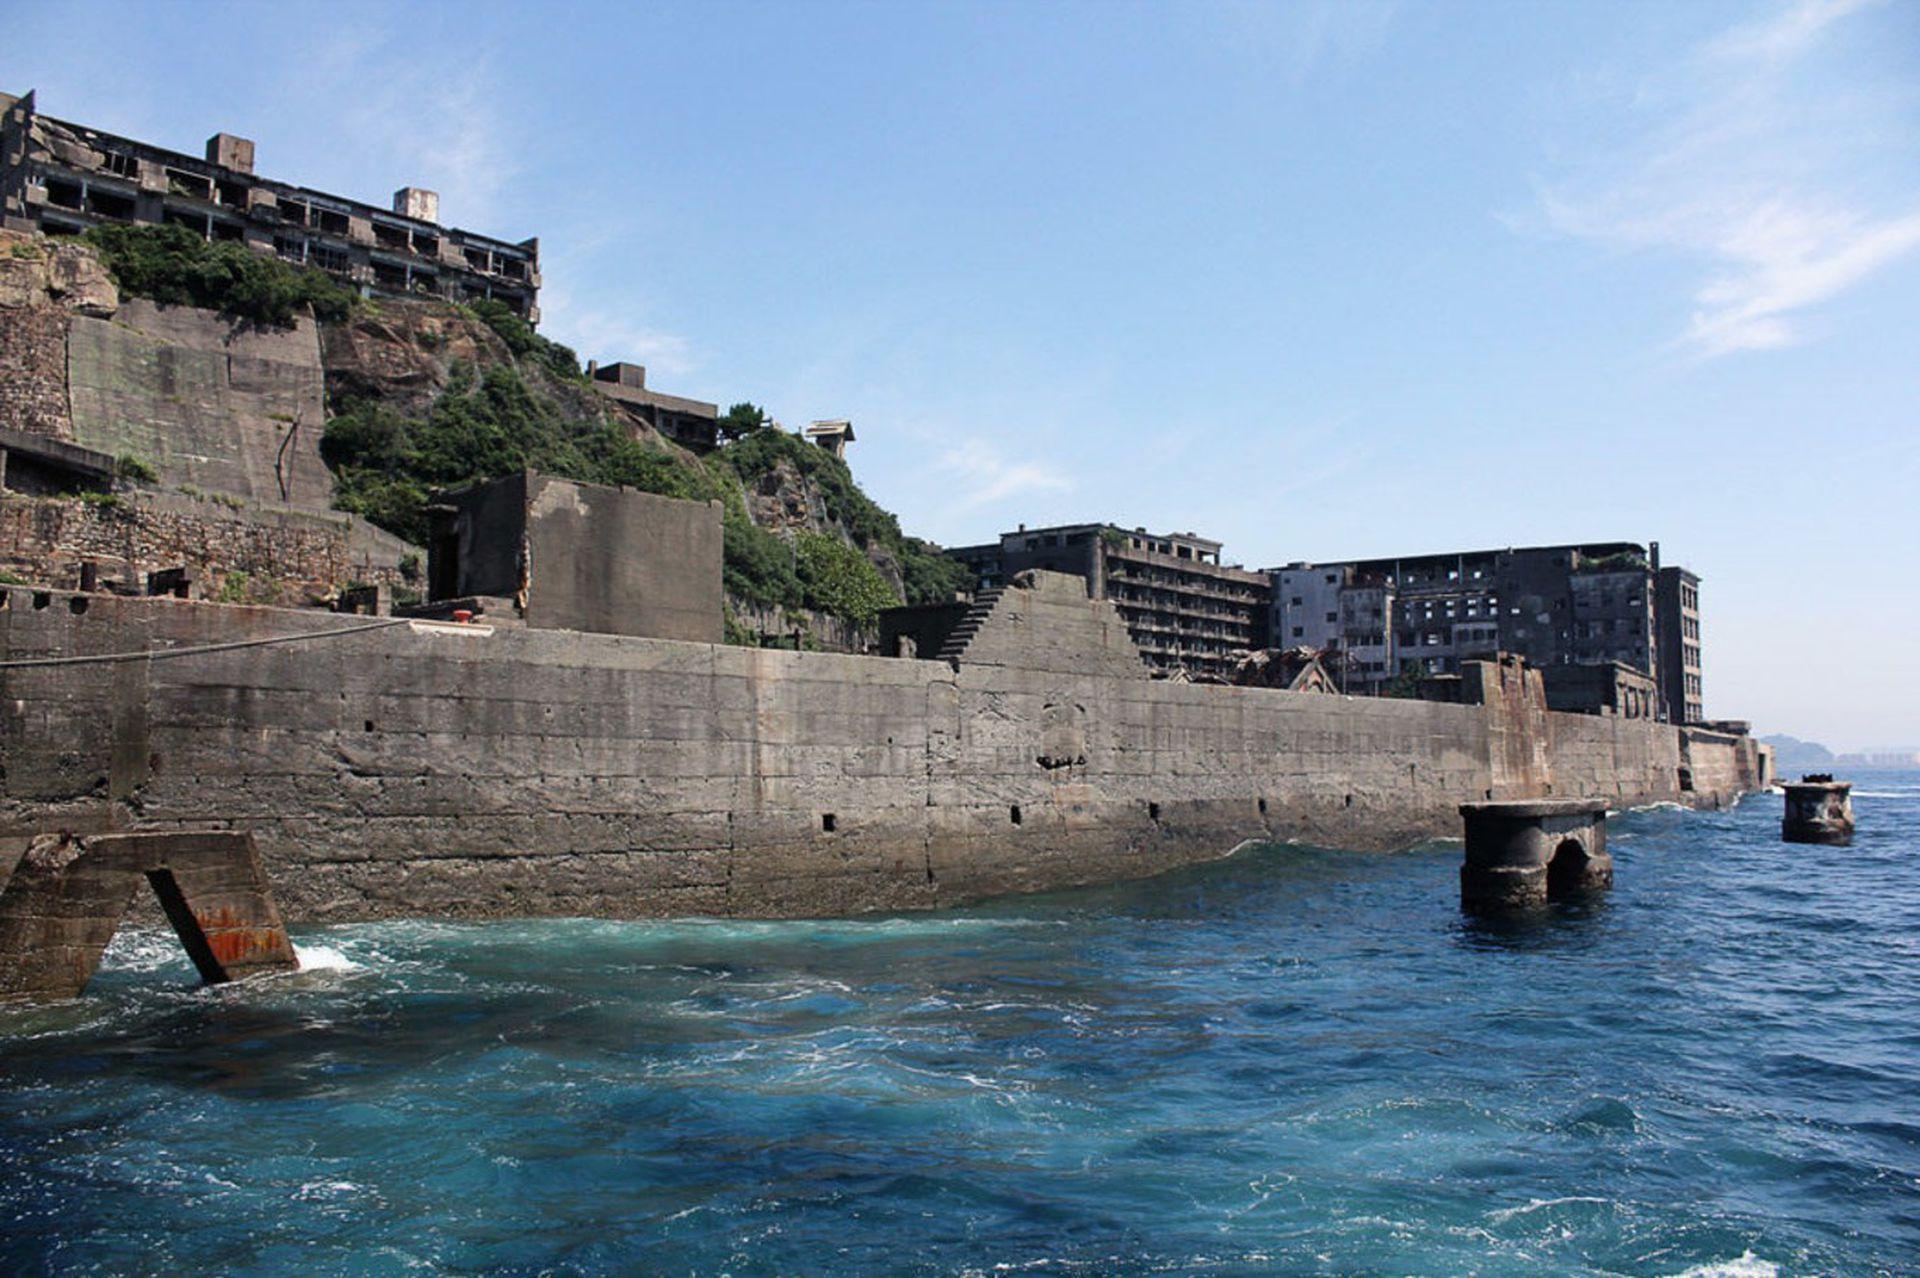 Los ingenieros de Mitsubishi hicieron construir enormes murallas para proteger a la isla de tempestades y tifones